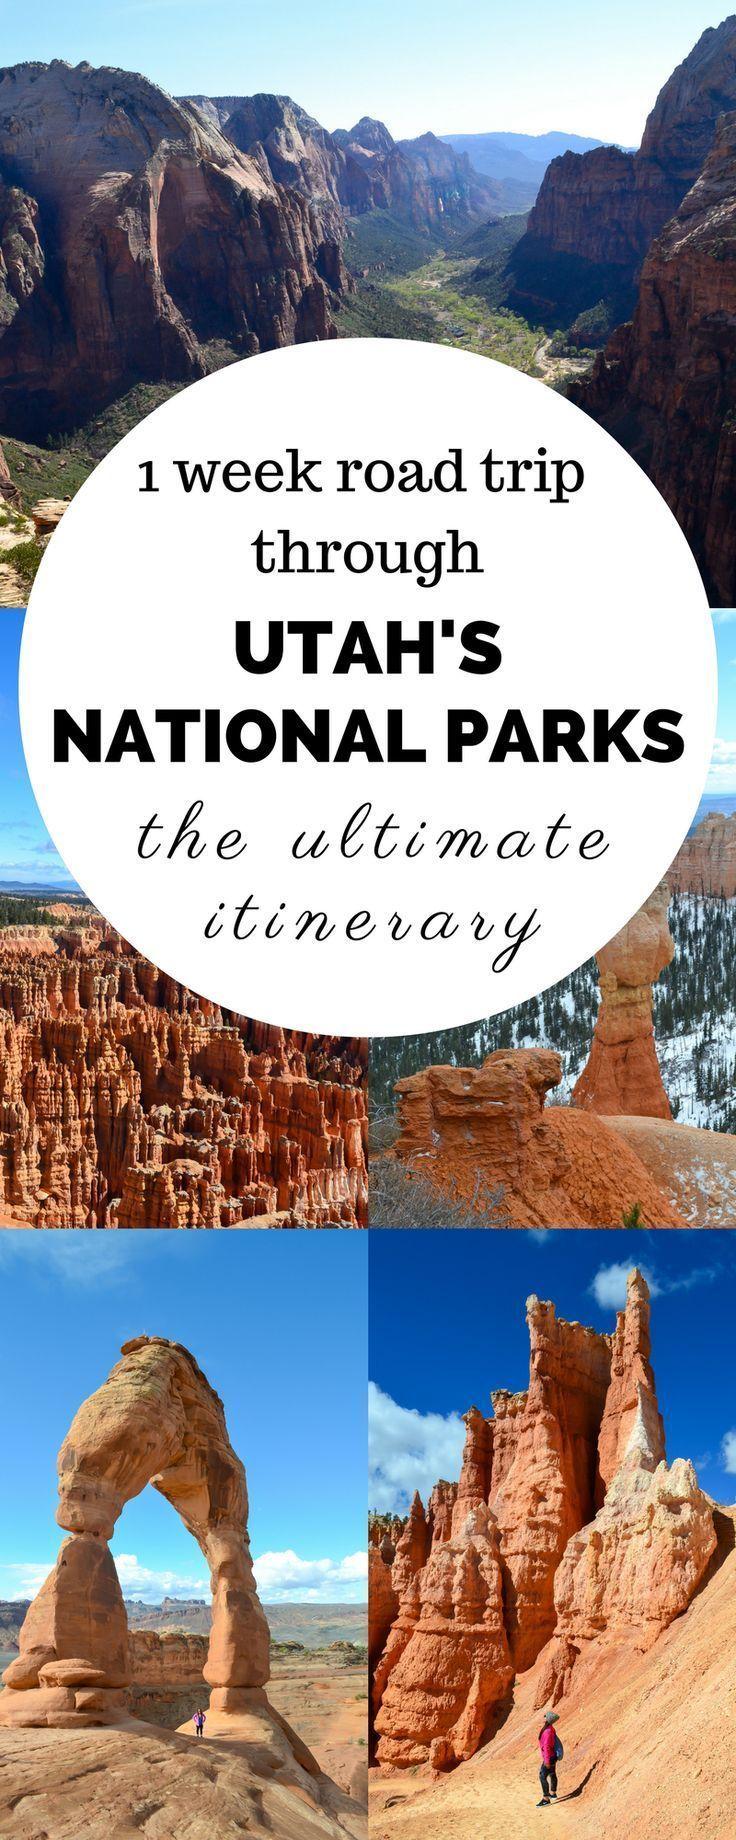 utah national parks road trip: a spectacular one week in utah